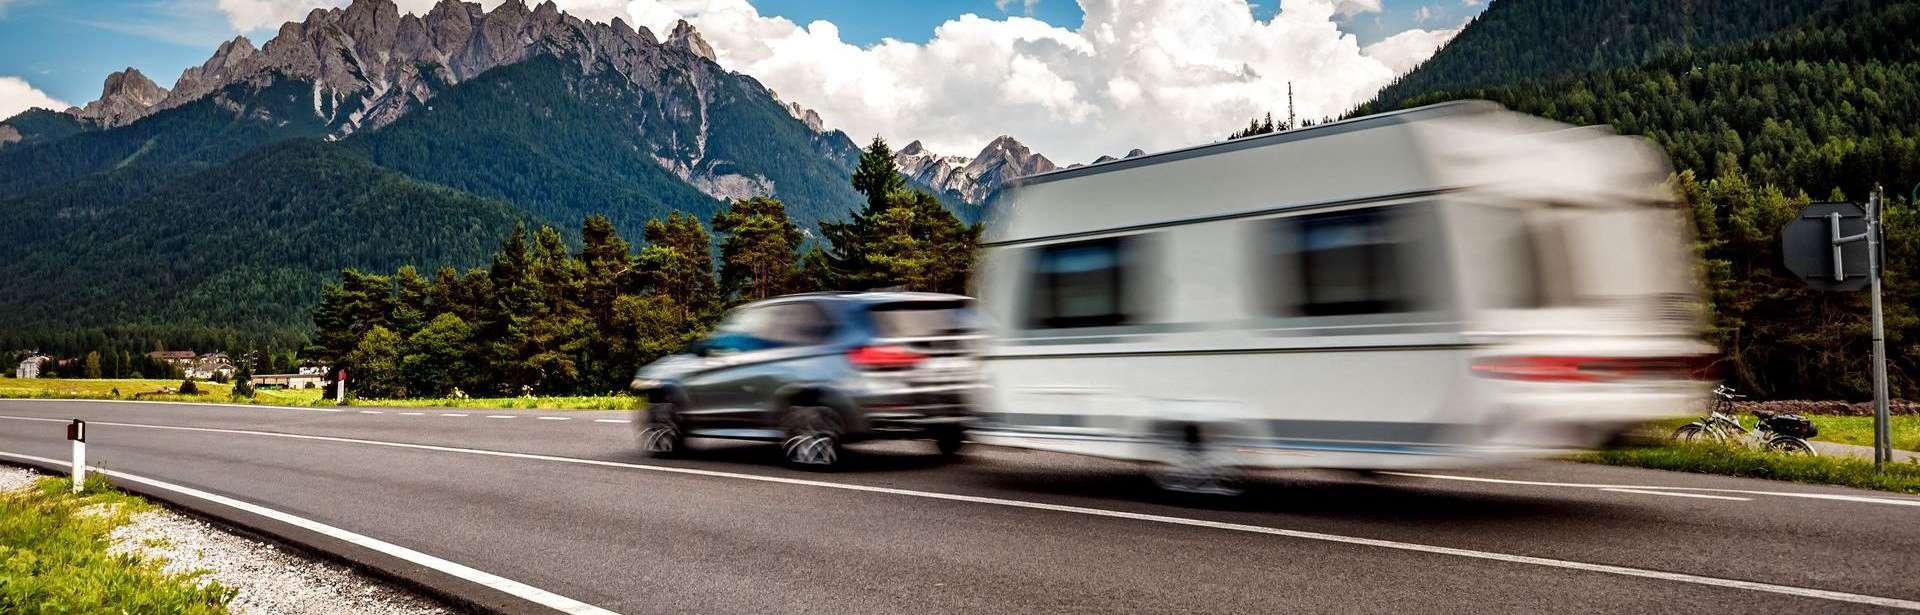 Na dovolenou s karavanem